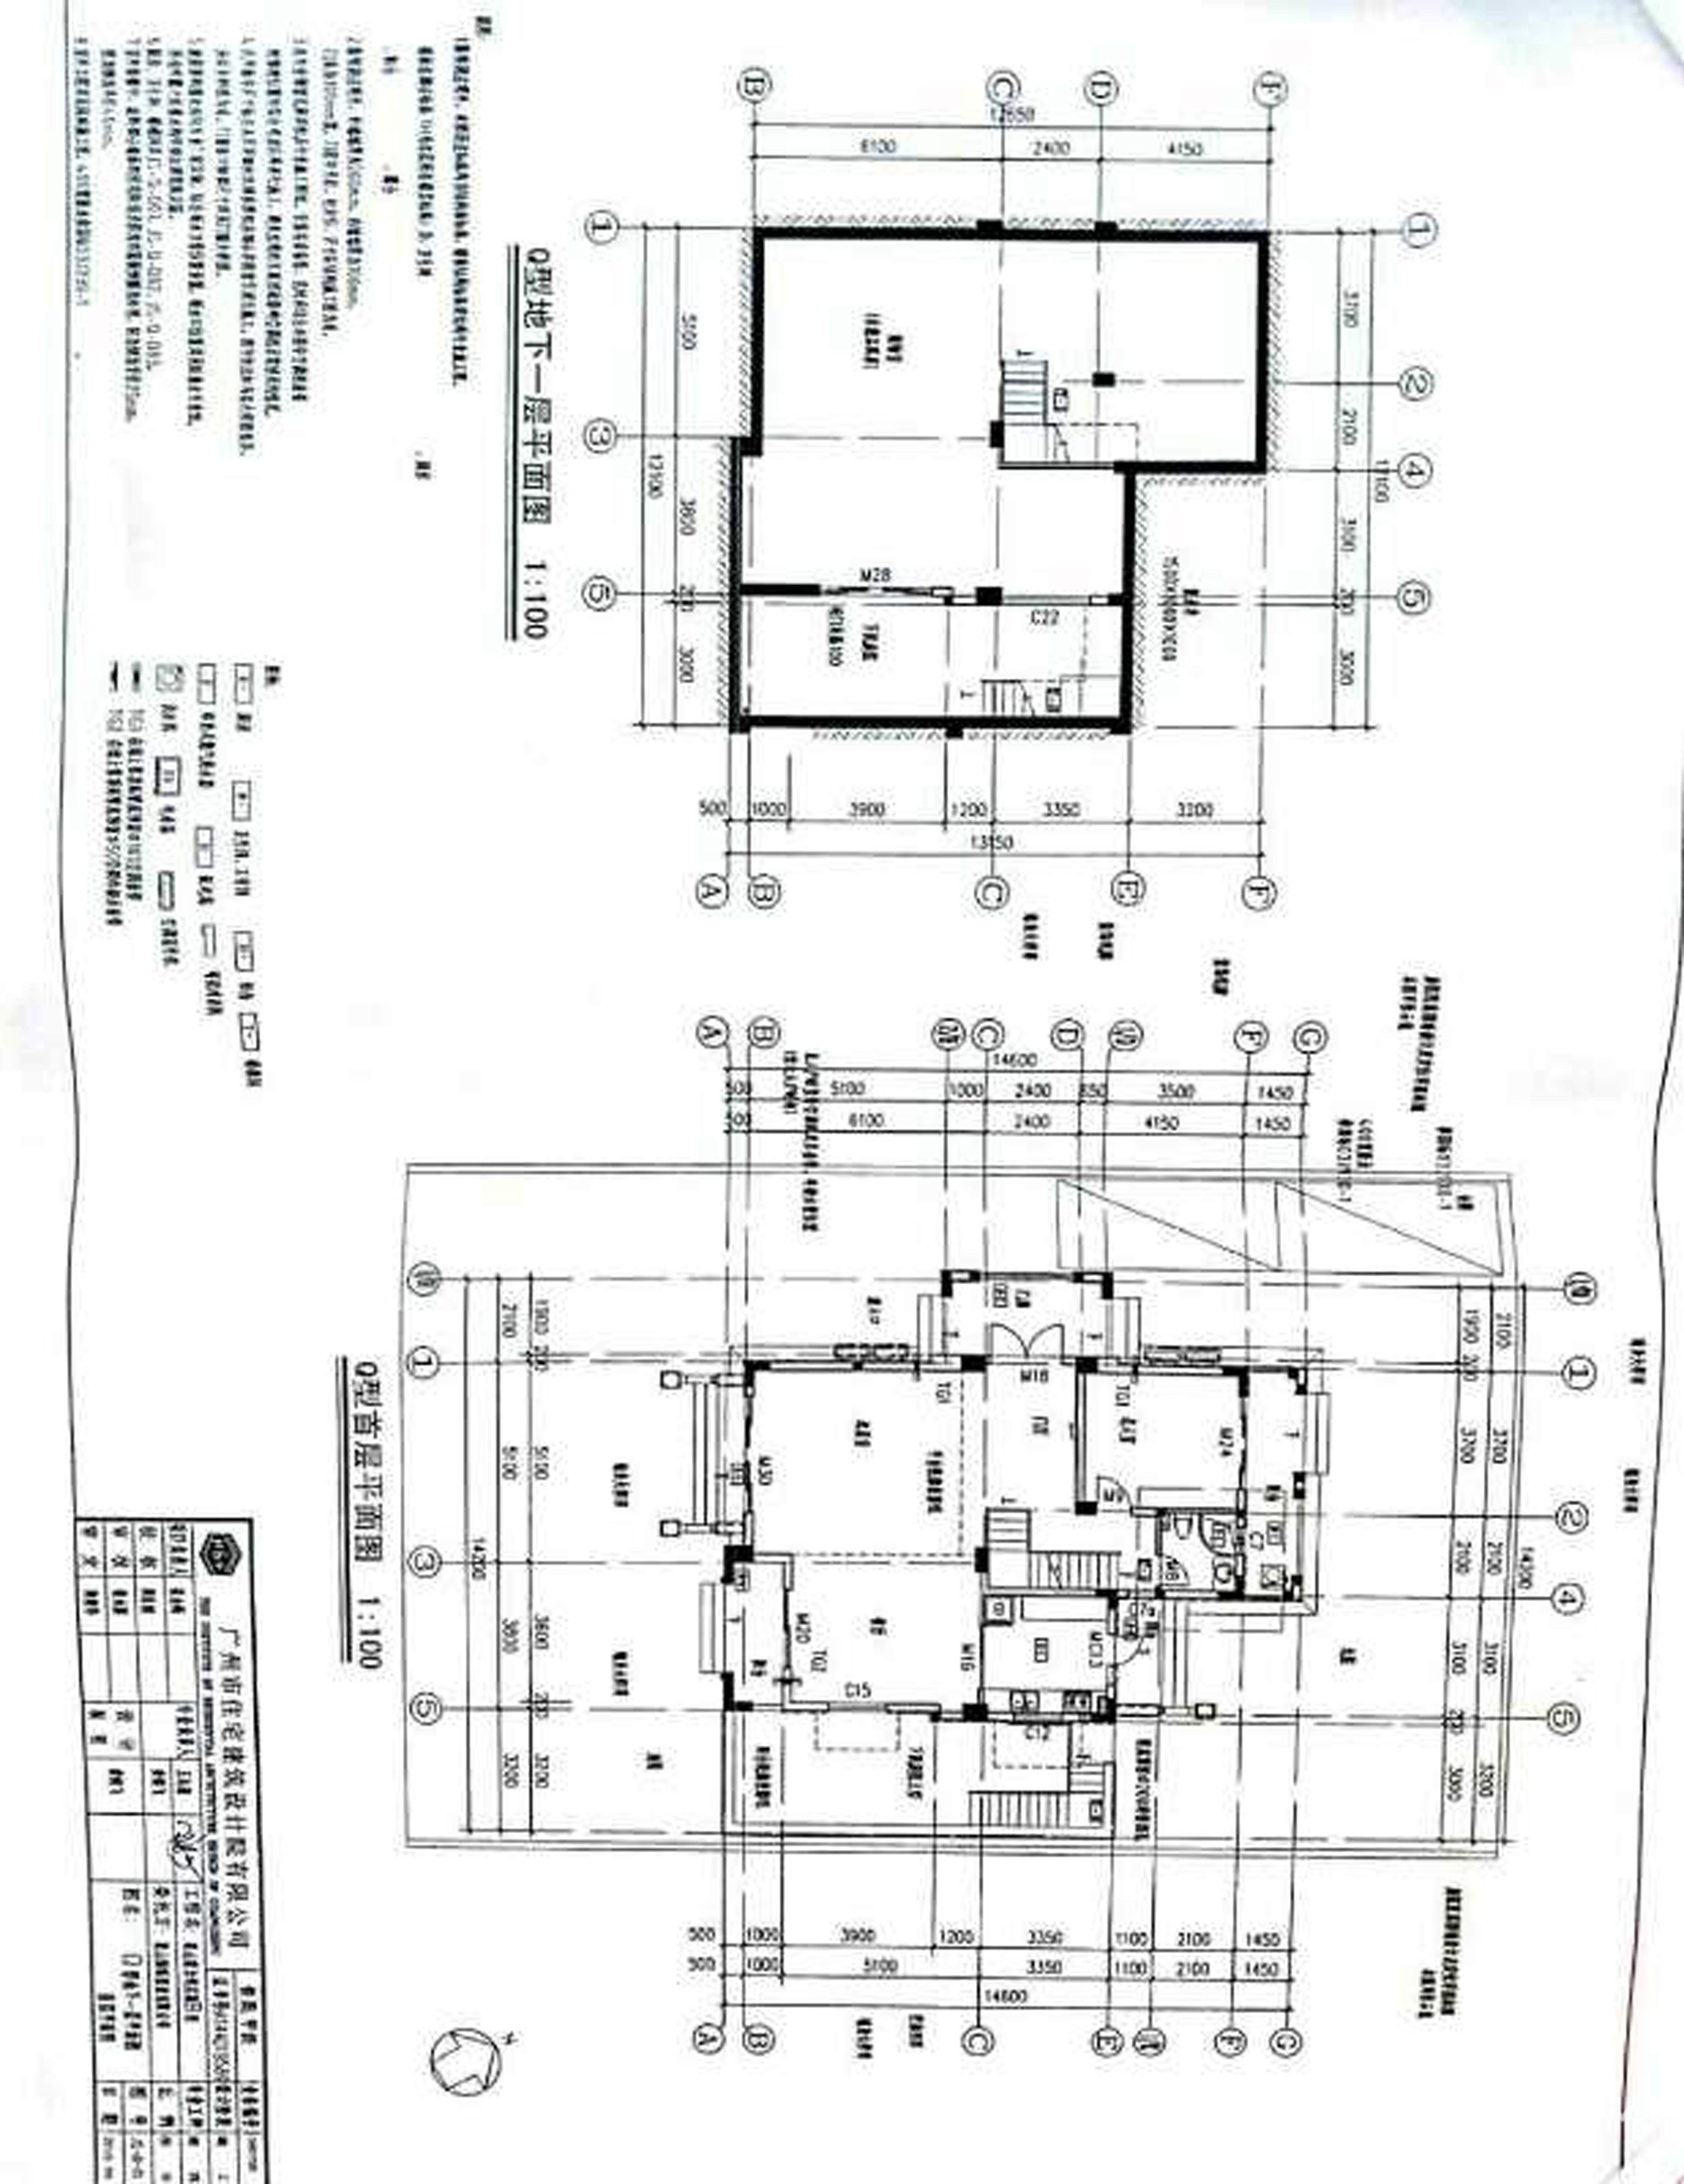 装修效果图,昆山市富力湾别墅 装修案例效果图-齐家